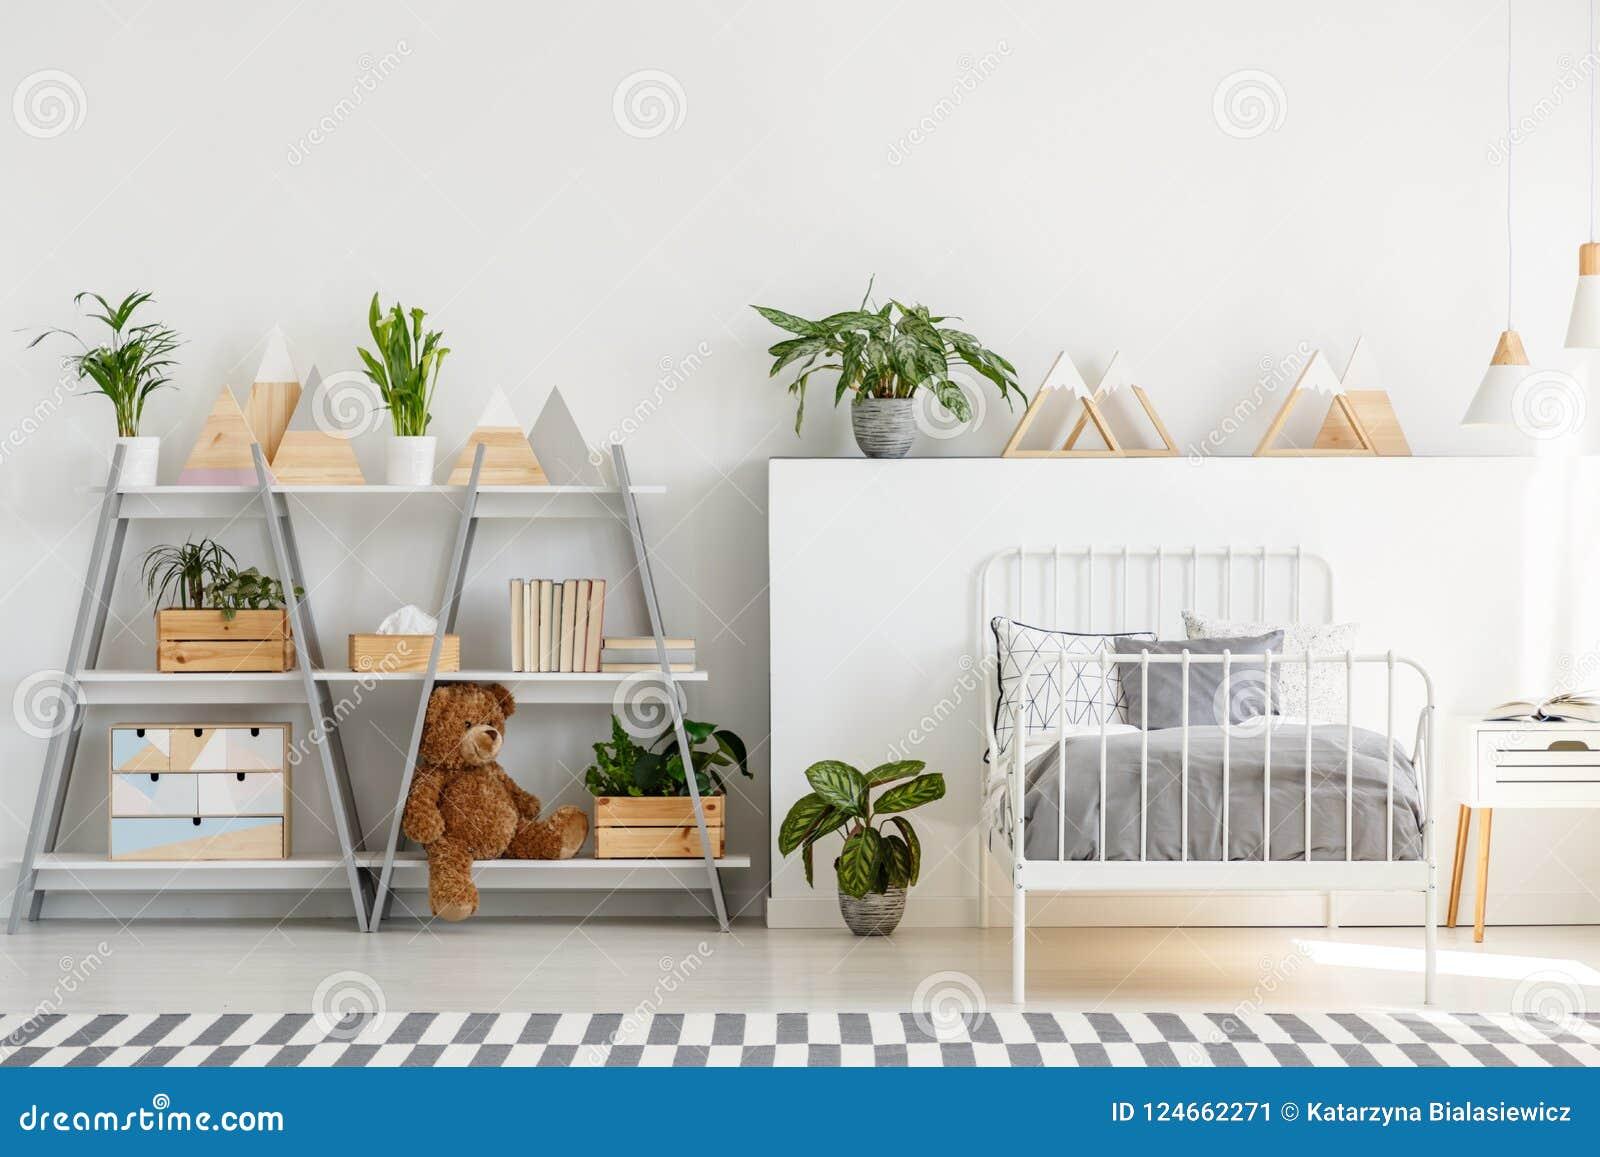 Ein klassischer Kinderschlafzimmerinnenraum mit den einfachen, skandinavischen Artmöbeln und einem grauen hölzernen Bücherschrank